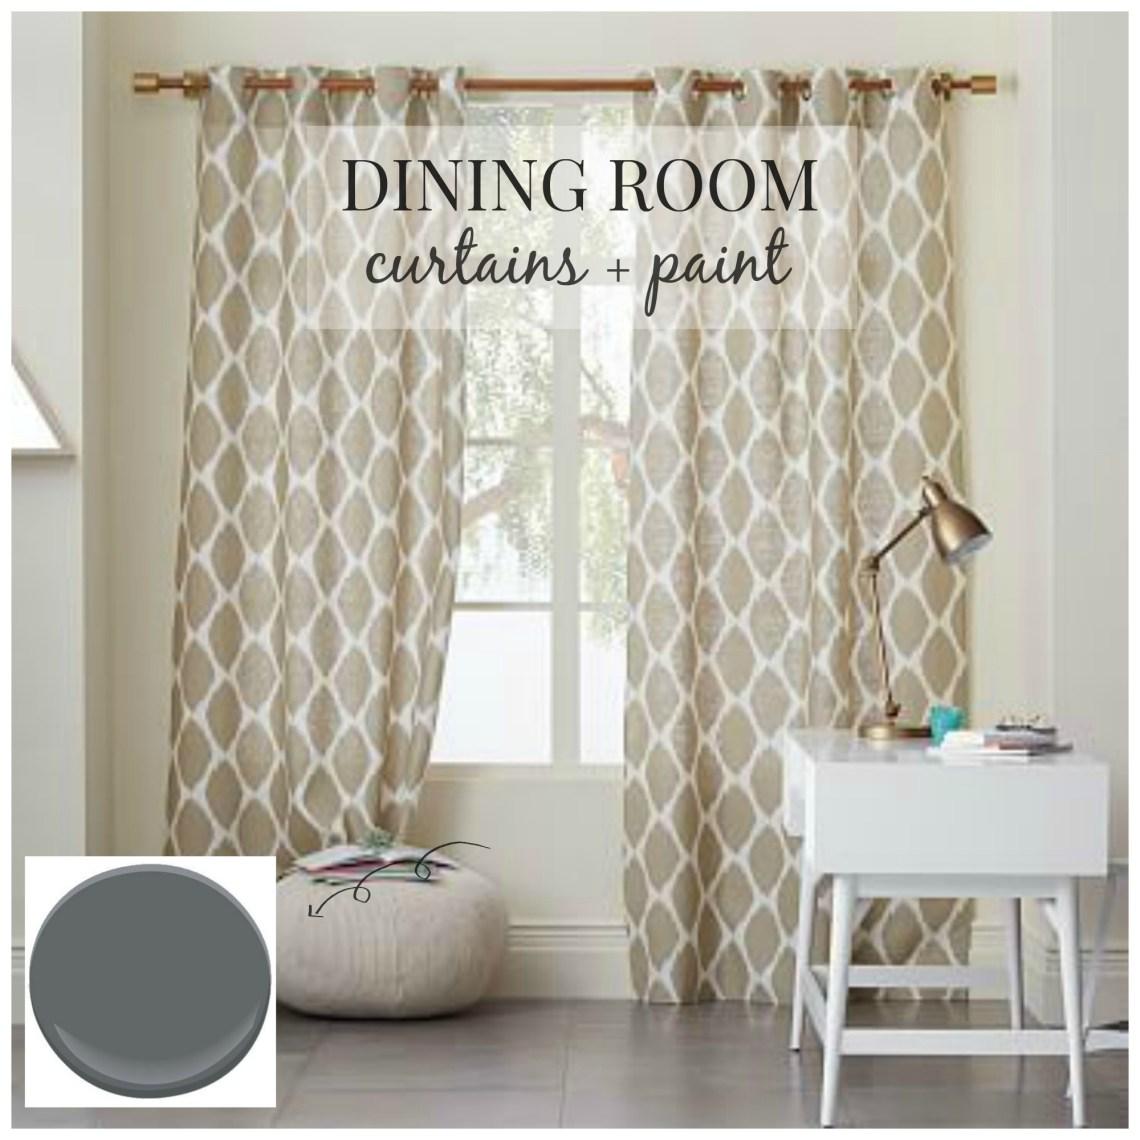 Dining Room Design Curtains Paint City Farmhouse